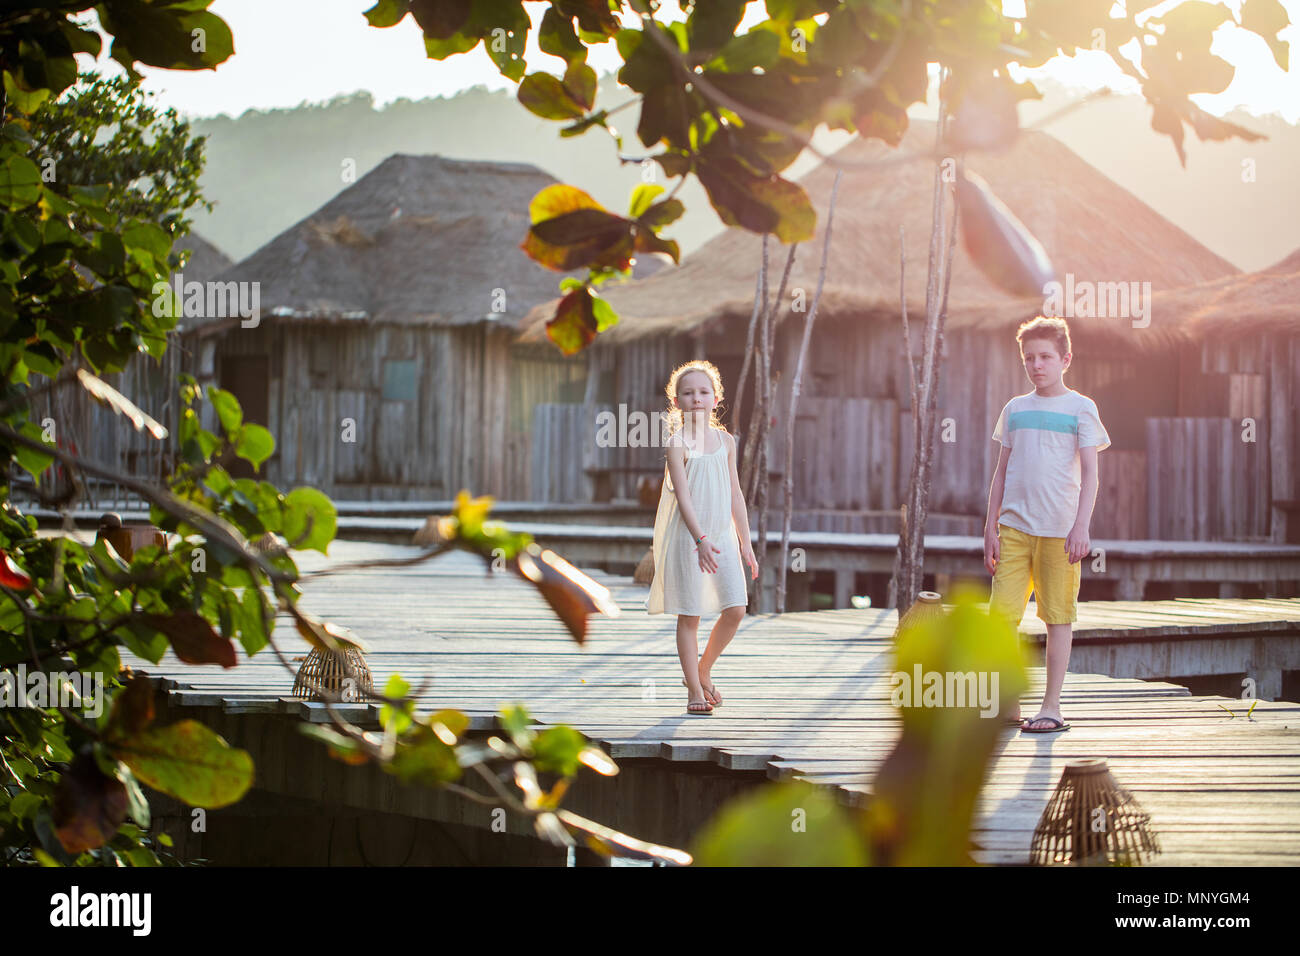 Los niños hermano y hermana caminar sobre la pasarela de madera durante las vacaciones de verano en el resort de lujo Imagen De Stock